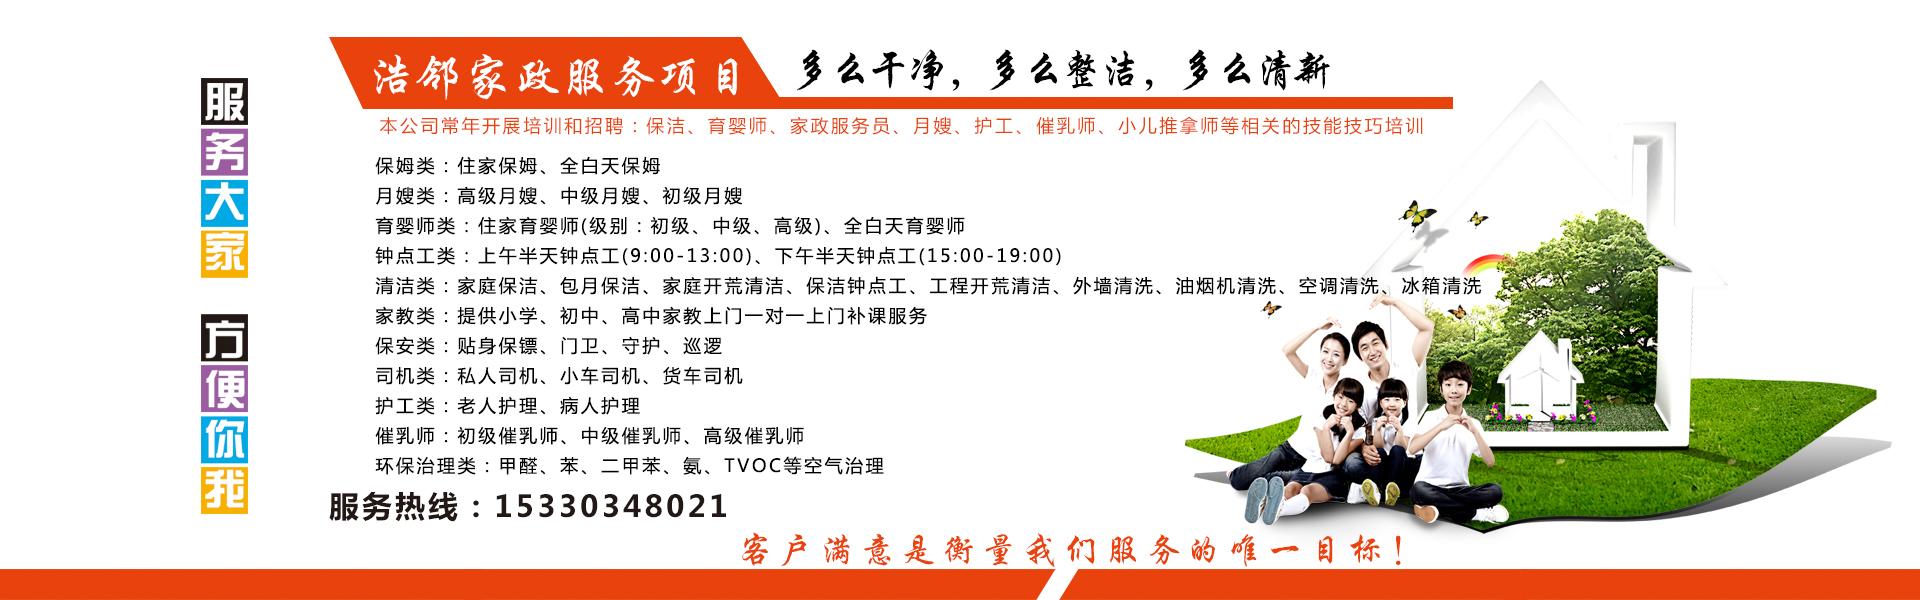 重慶家政公司產品分類:保姆,月嫂,育嬰師,司機,保鏢,鐘點工,清潔,空氣治理